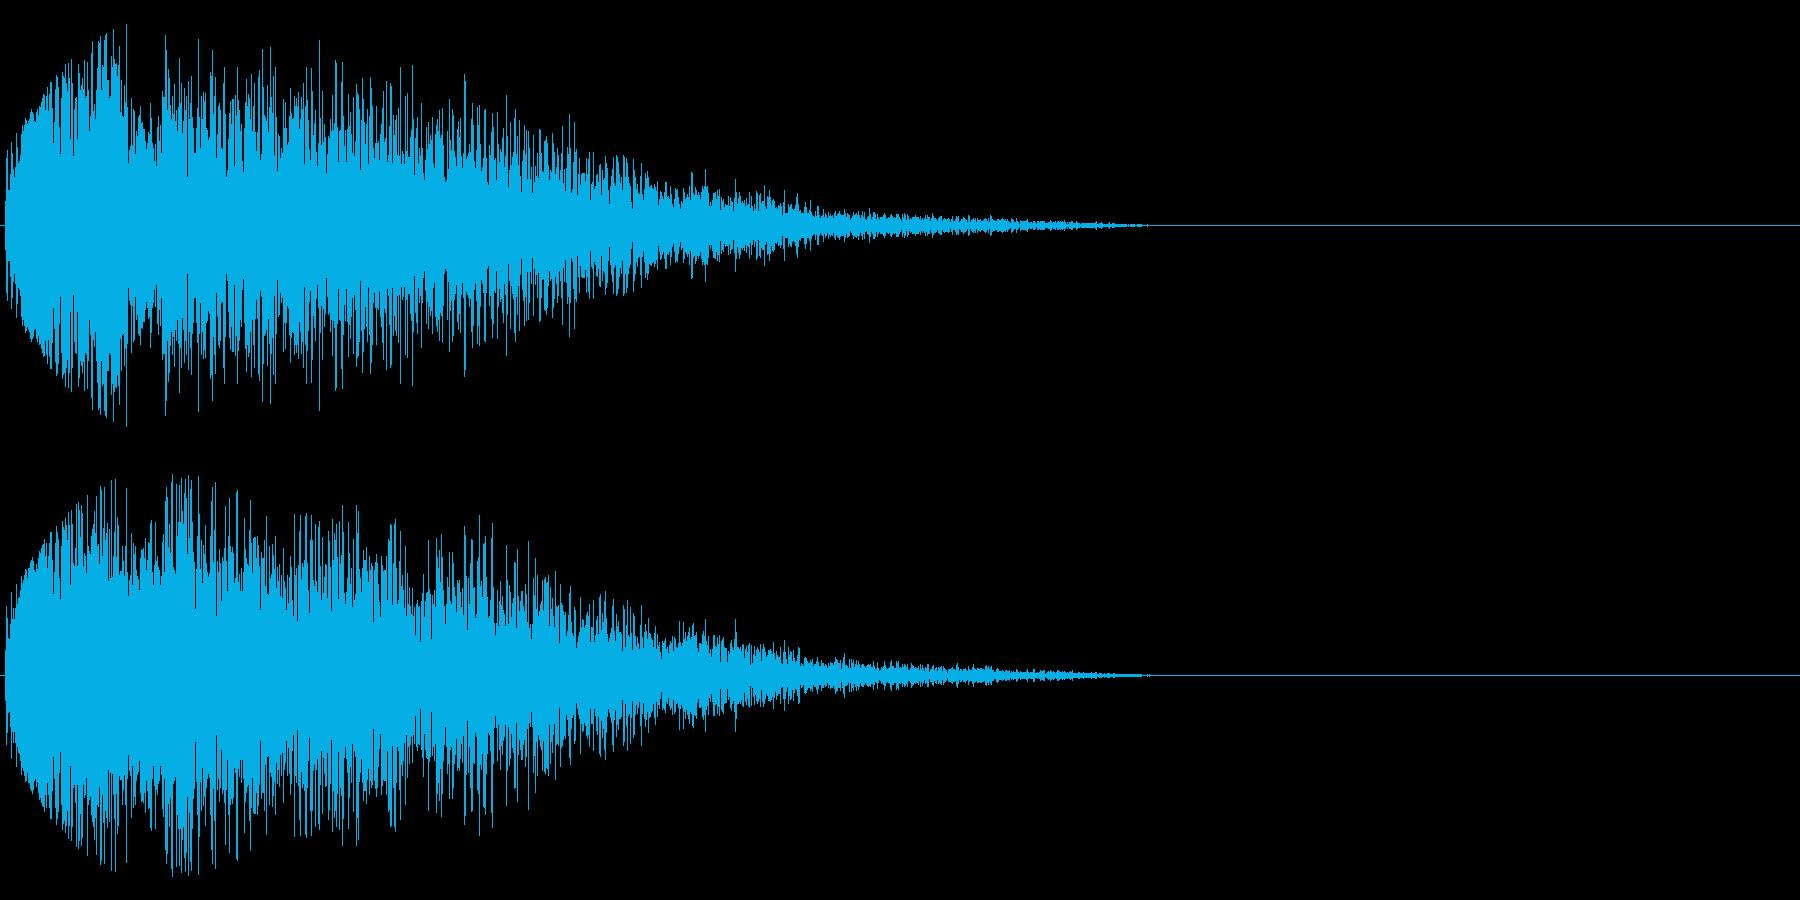 きらーん 流れるようにきれいな音の再生済みの波形